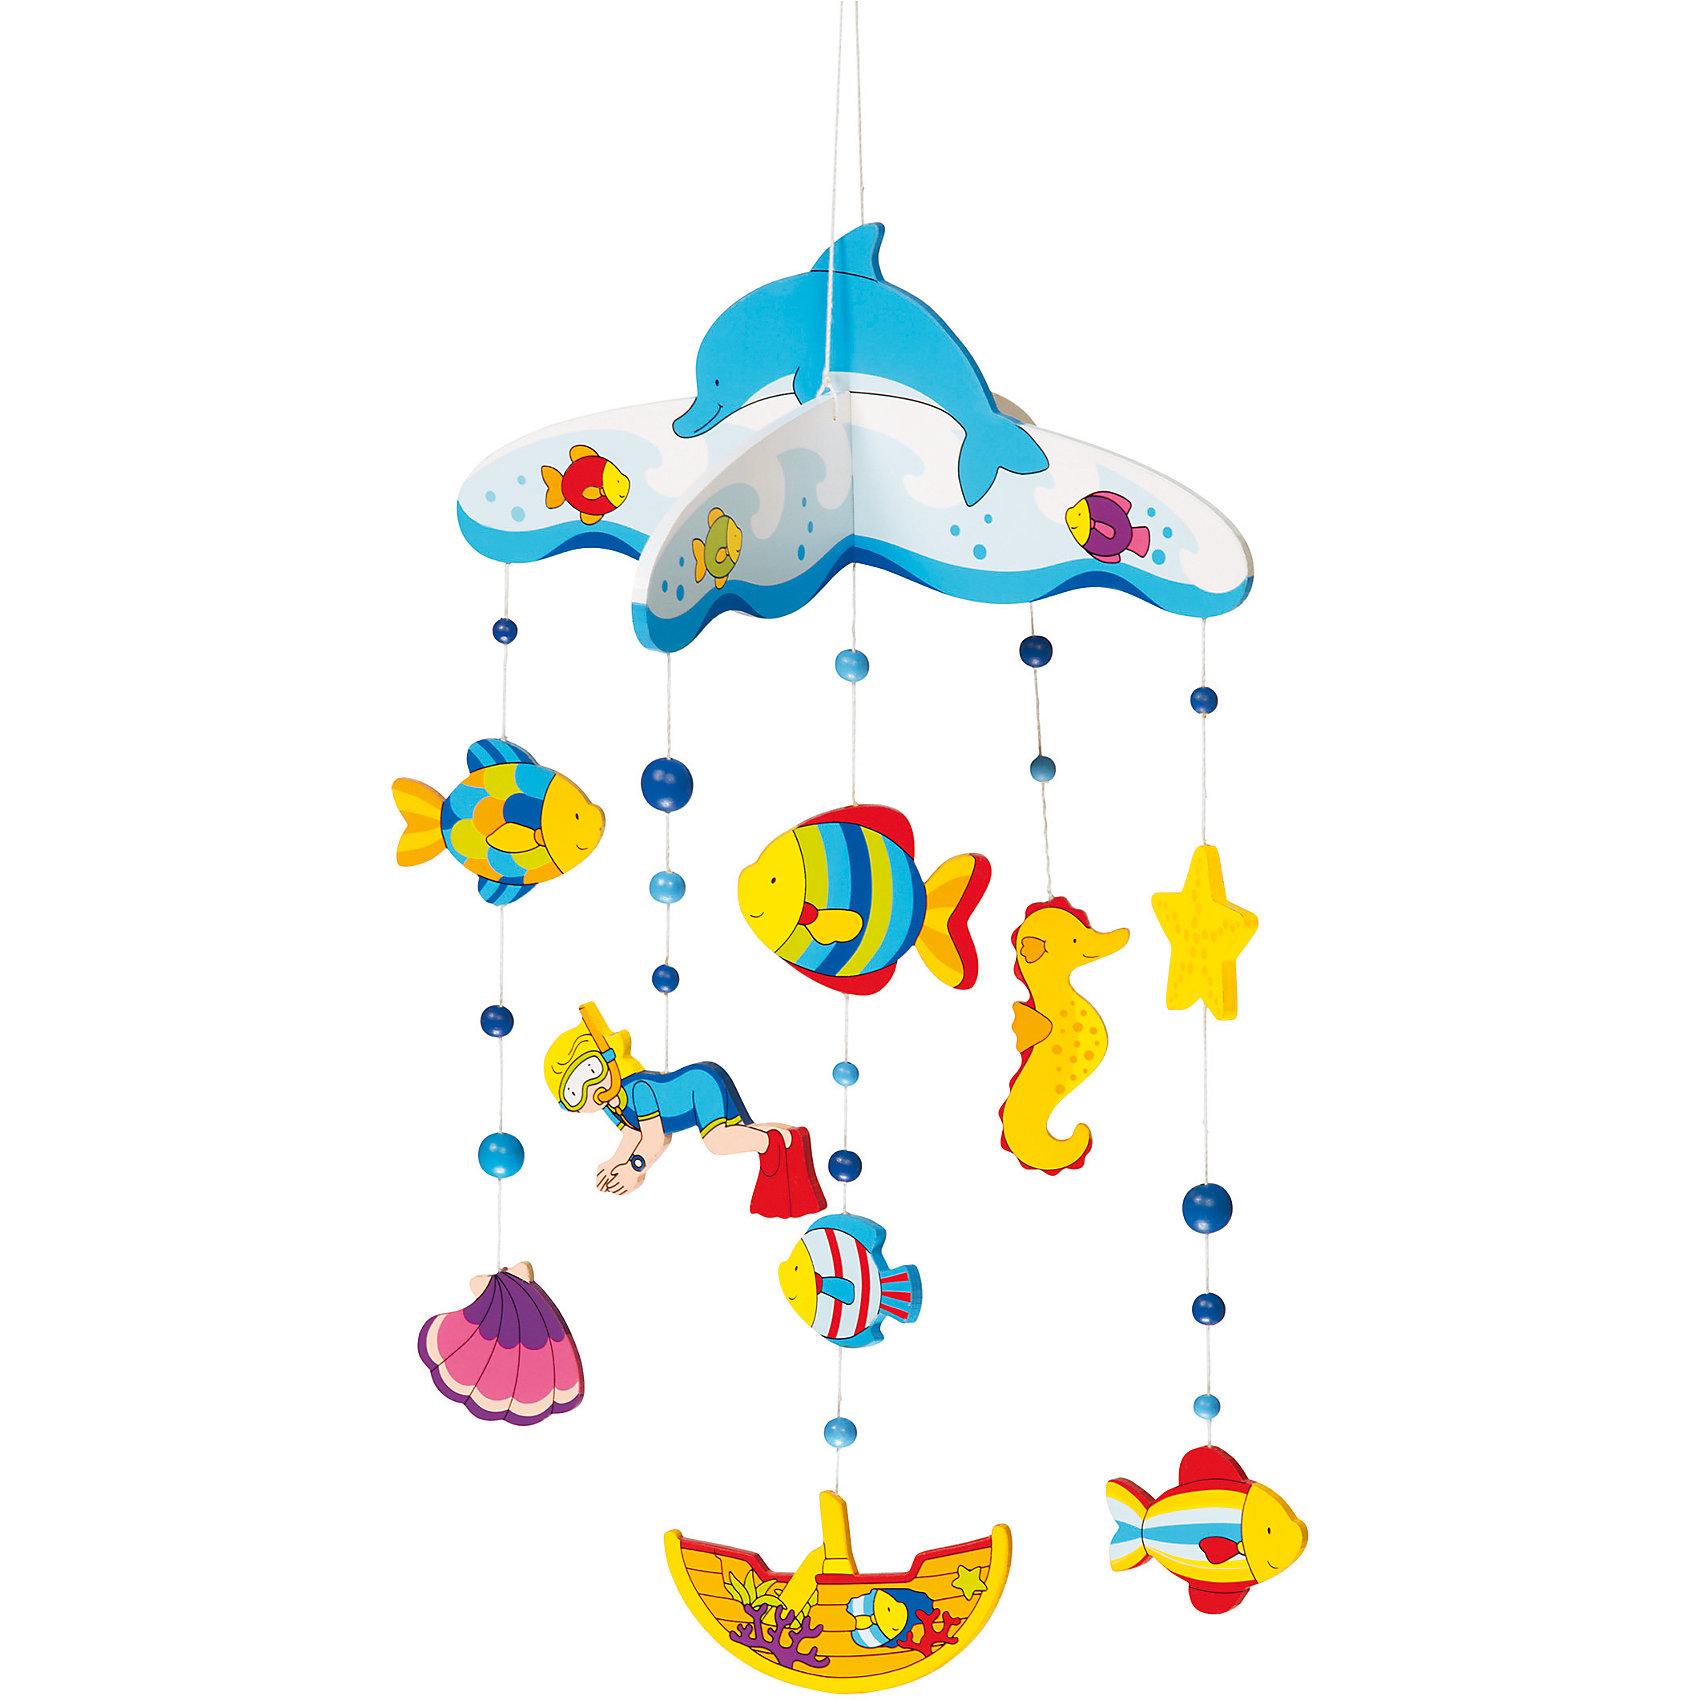 Мобиле Подводный мир, gokiМобиль Подводный мир, goki<br><br>Характеристики:<br><br>• Цвет: голубой<br>• Возраст: от 0 месяцев<br>• Размер: 26,5x40 см<br>• Материал: дерево<br><br>Мобиль с яркими животными сделан из дерева и выкрашен с помощью безопасных красок. Такие игрушки можно грызть, держать во рту и совершенно не беспокоиться. Игрушки привлекут внимание любого малыша и сделают игру еще интереснее. Такие яркие животные помогут малышу развить концентрацию внимания и моторику рук.<br><br>Мобиль Подводный мир, goki можно купить в нашем интернет-магазине.<br><br>Ширина мм: 400<br>Глубина мм: 265<br>Высота мм: 400<br>Вес г: 240<br>Возраст от месяцев: 0<br>Возраст до месяцев: 12<br>Пол: Унисекс<br>Возраст: Детский<br>SKU: 4328618